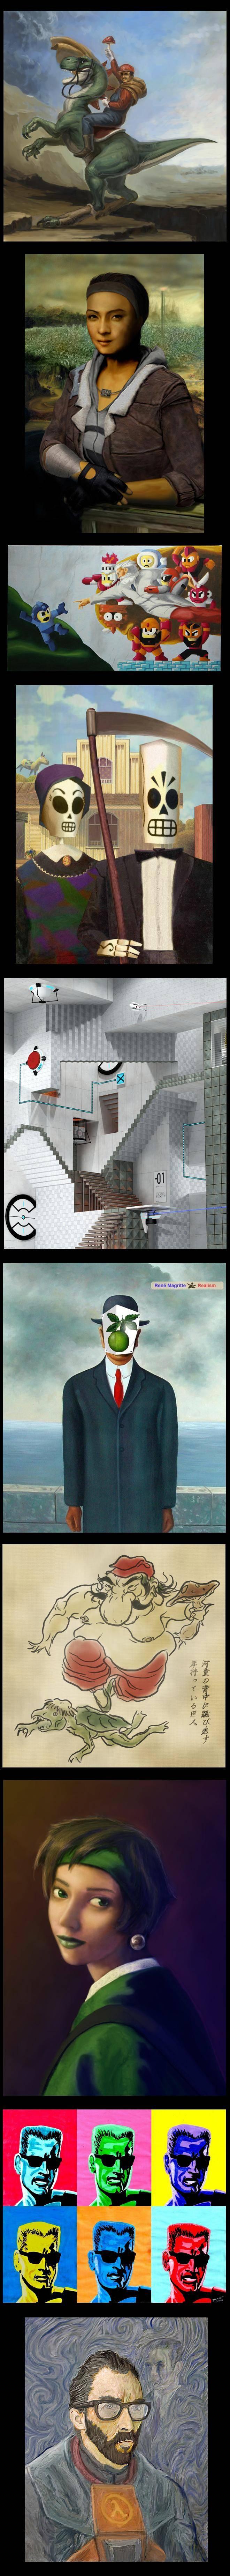 Portal estilo Escher